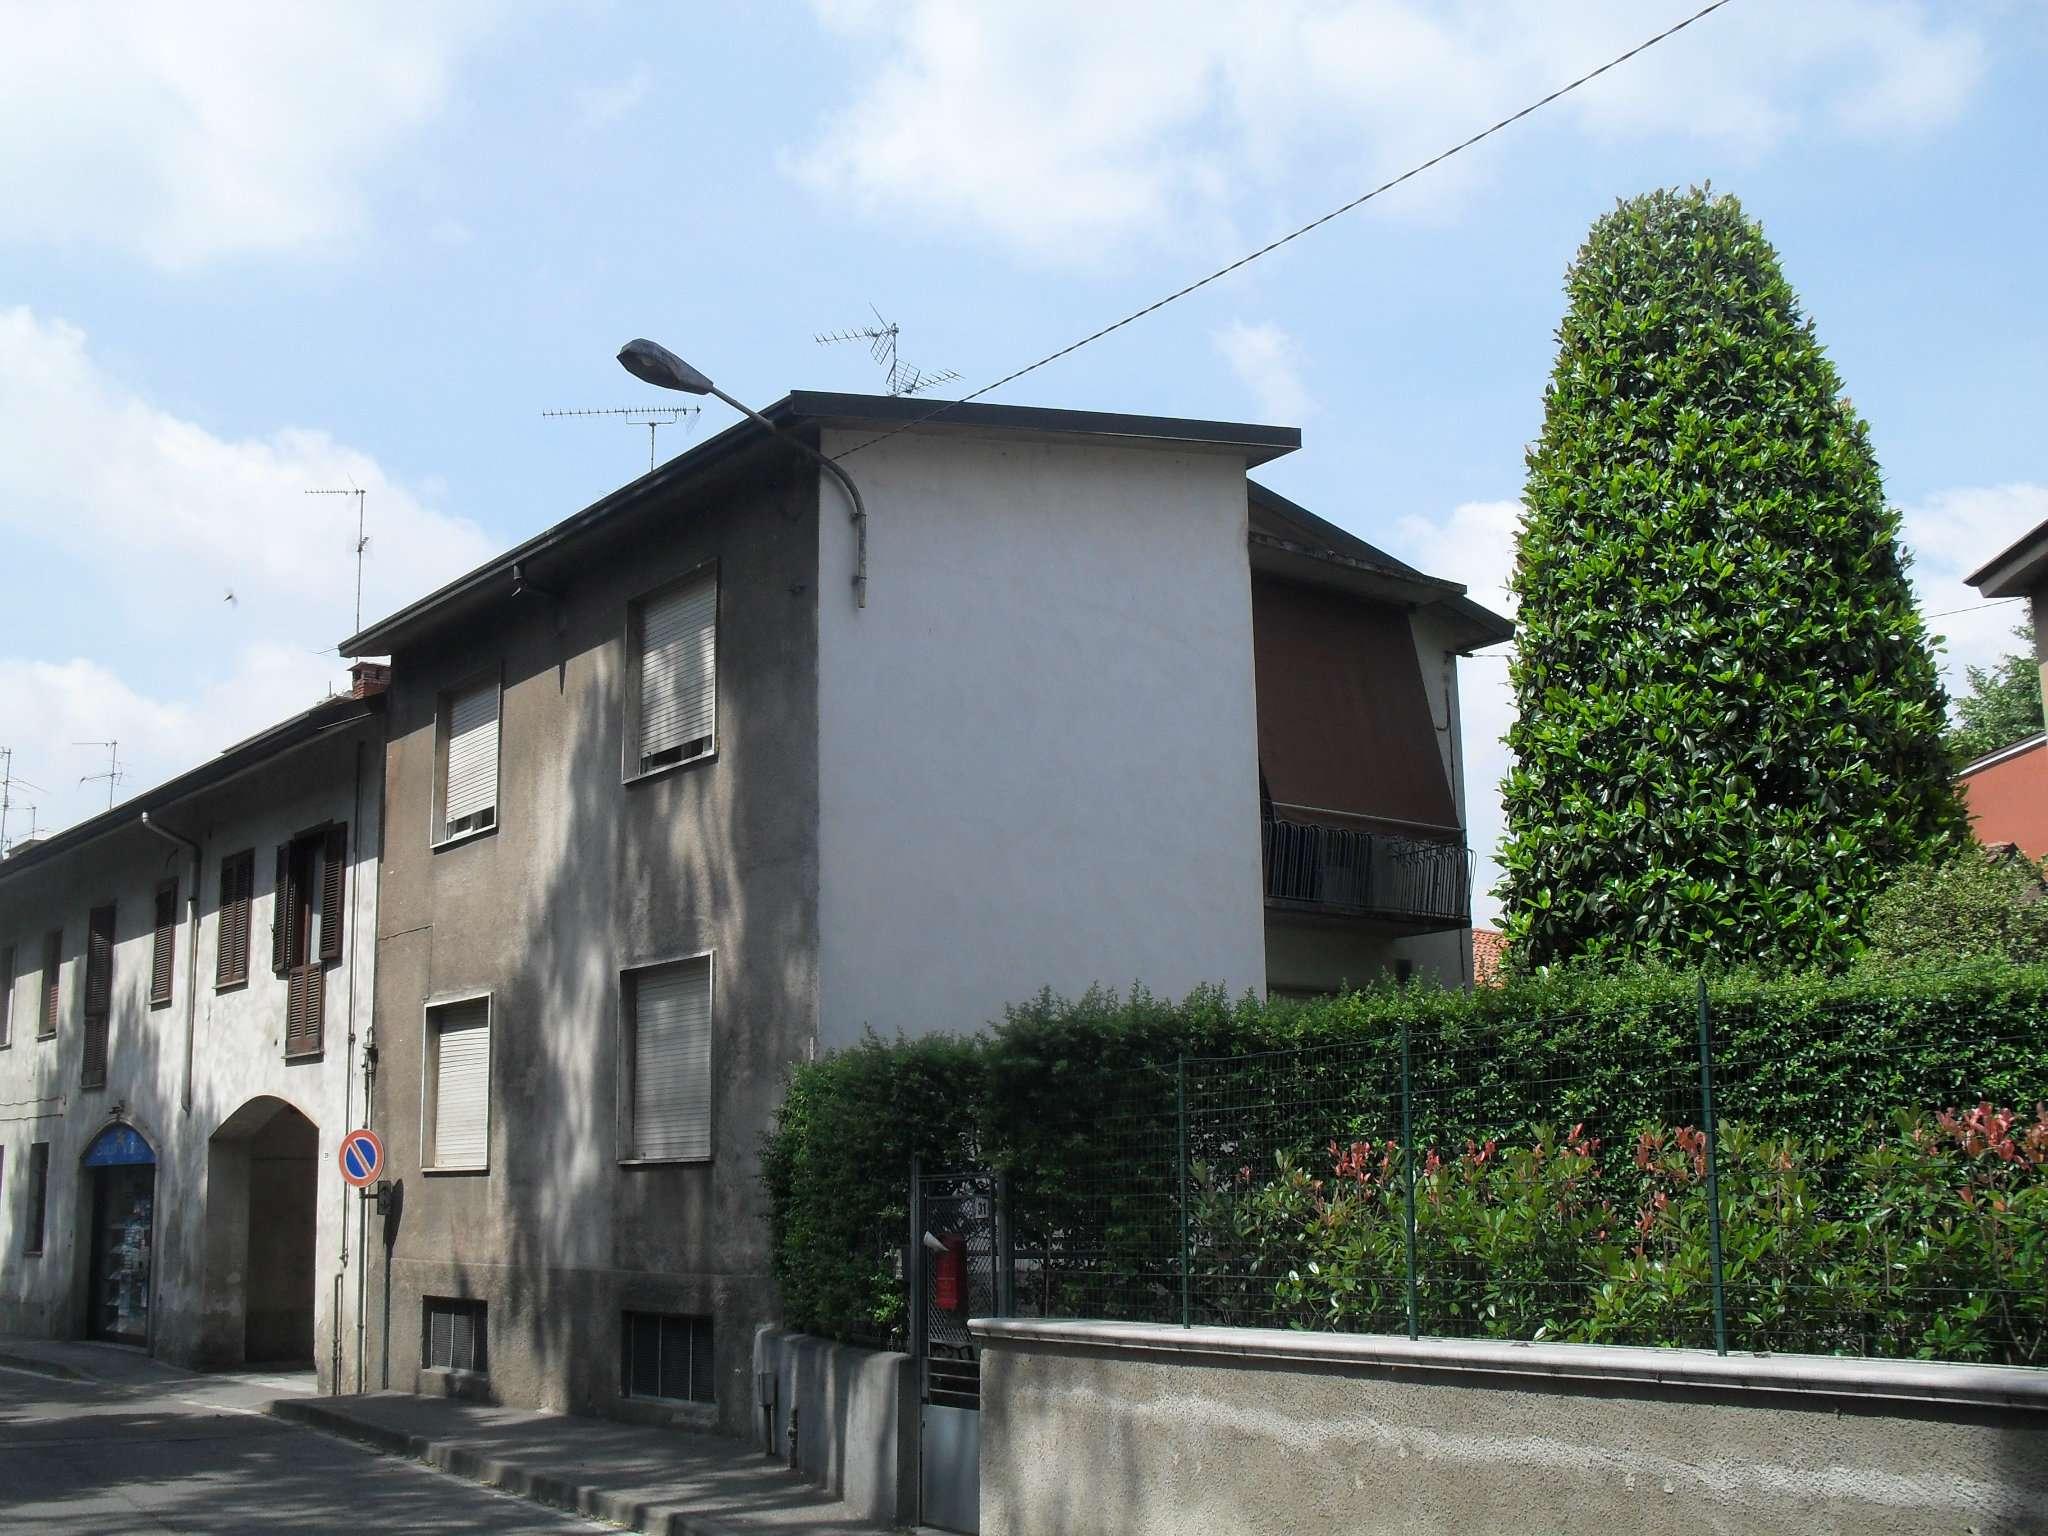 Ufficio / Studio in affitto a Muggiò, 3 locali, prezzo € 430 | CambioCasa.it